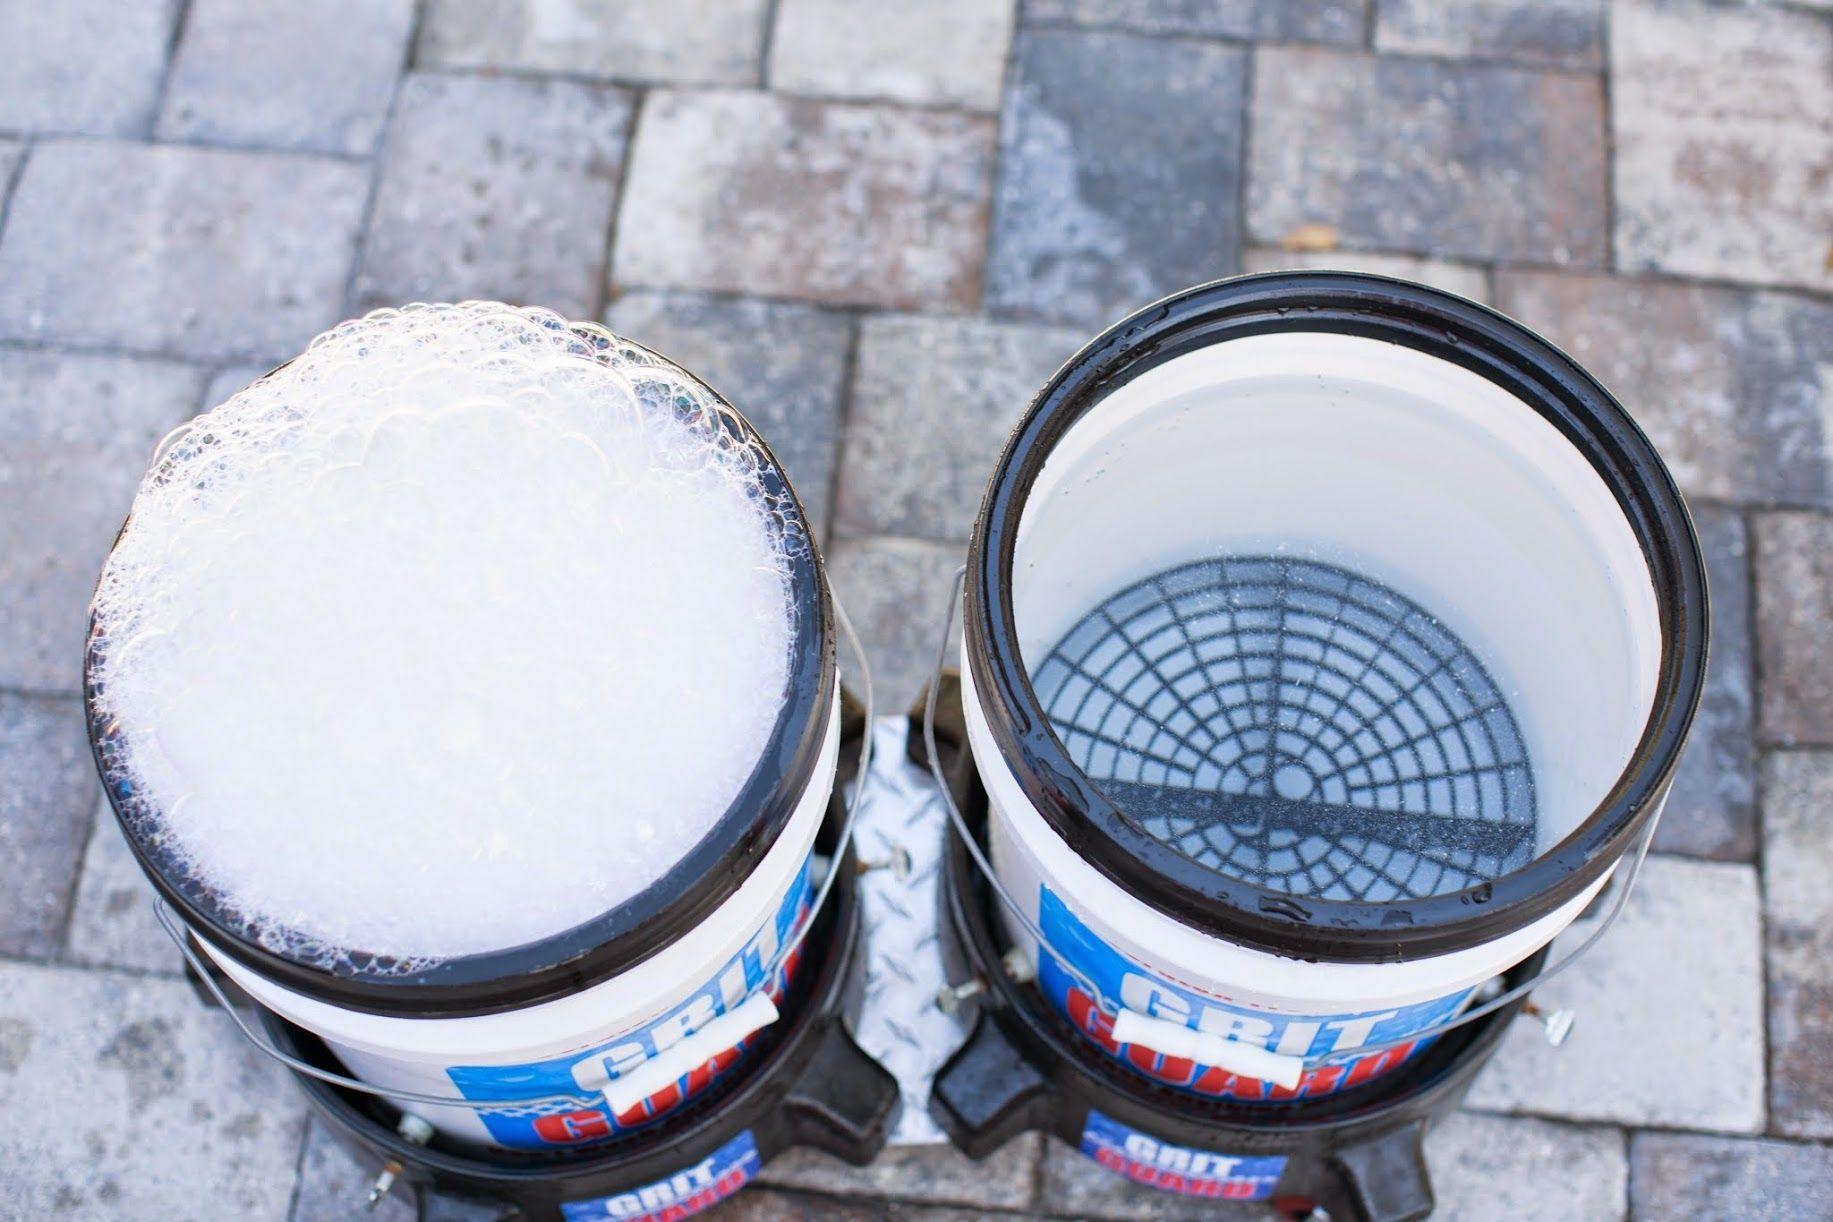 Two bucket wash